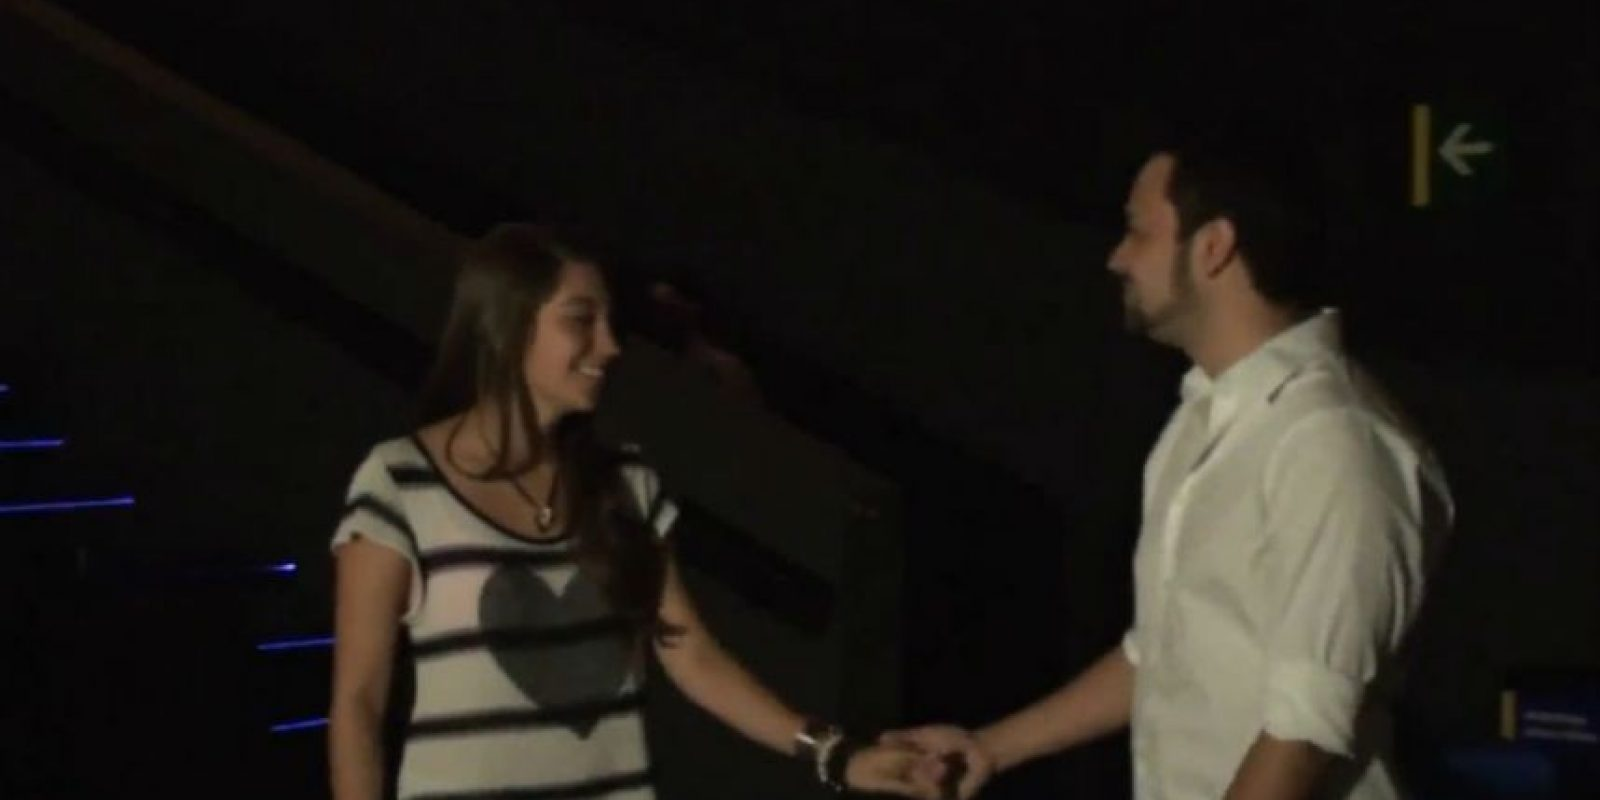 Esta chica pensó que estaba viendo los cortos de una película, pero en realidad se trataba de una propuesta de matrimonio. Foto:Youtube